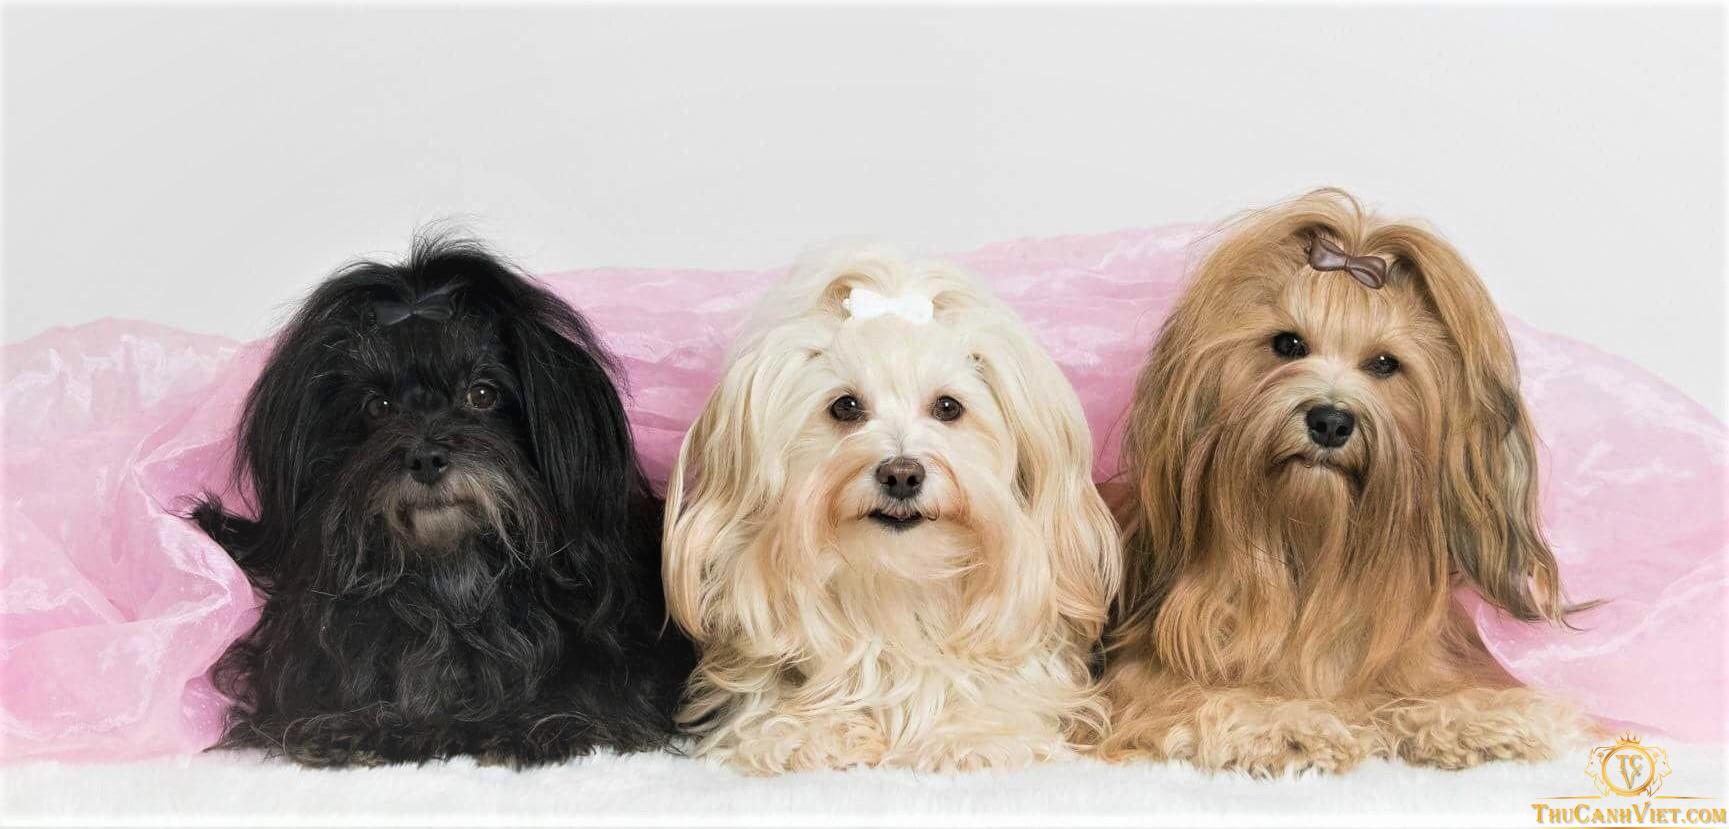 Chó Havanese - Một trong những giống chó Bitchon lông dài vô cùng đáng yêu